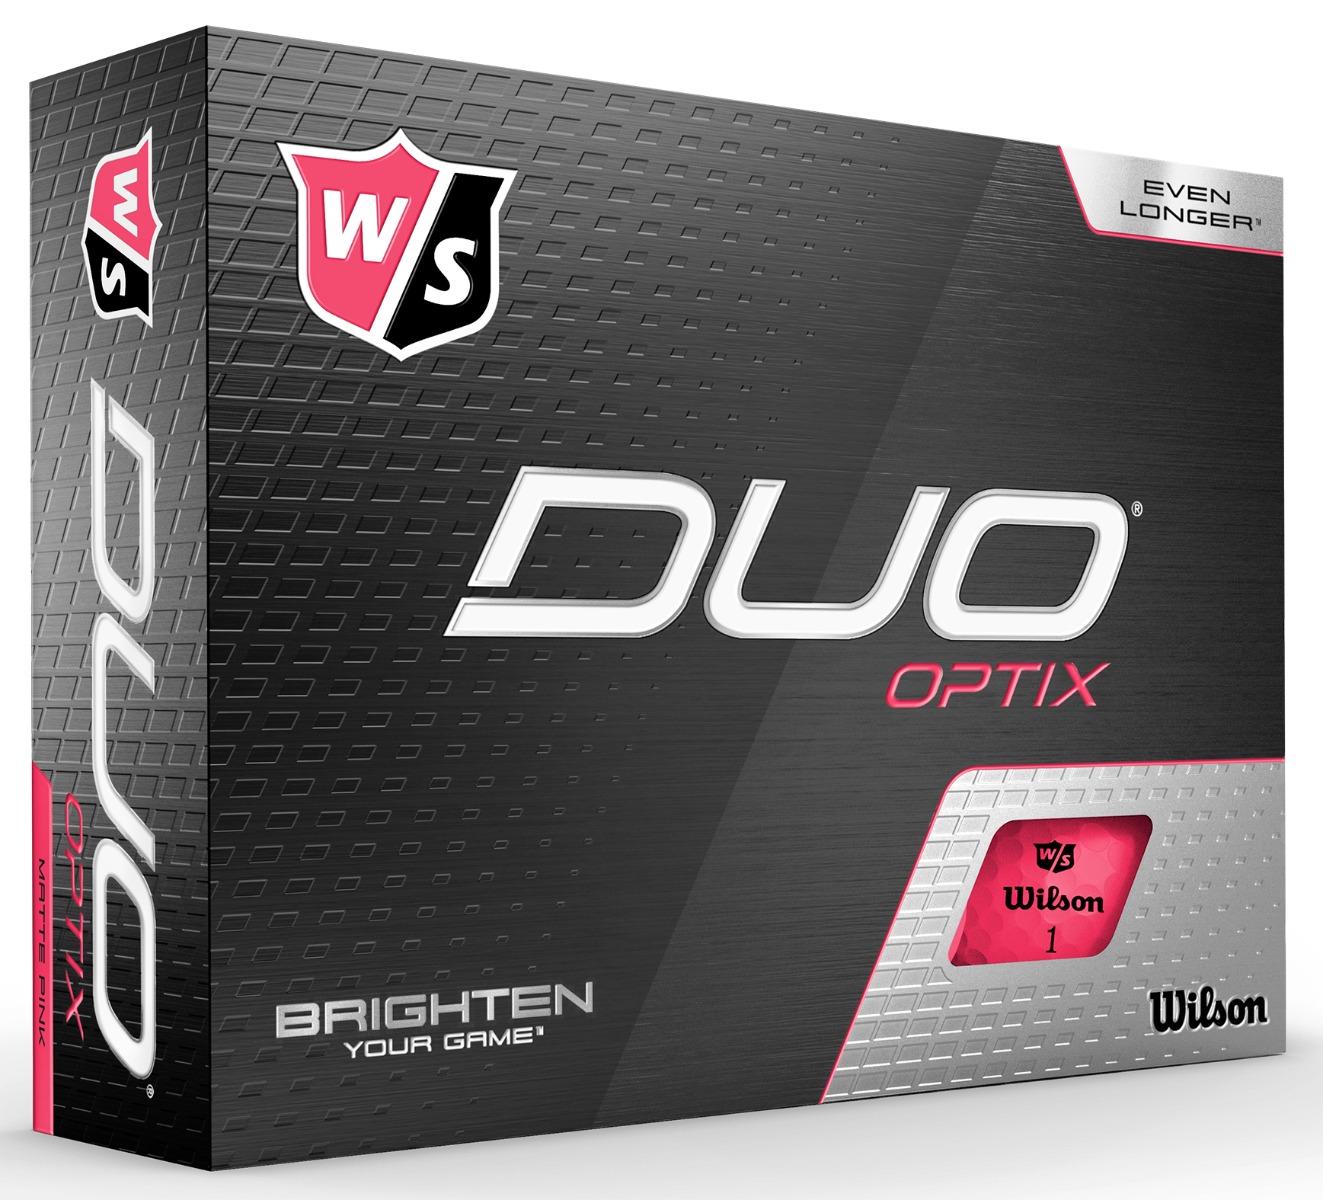 https://www.best4balls.com/pub/media/catalog/product/d/u/duo_optix_pink_box_600_1.jpg